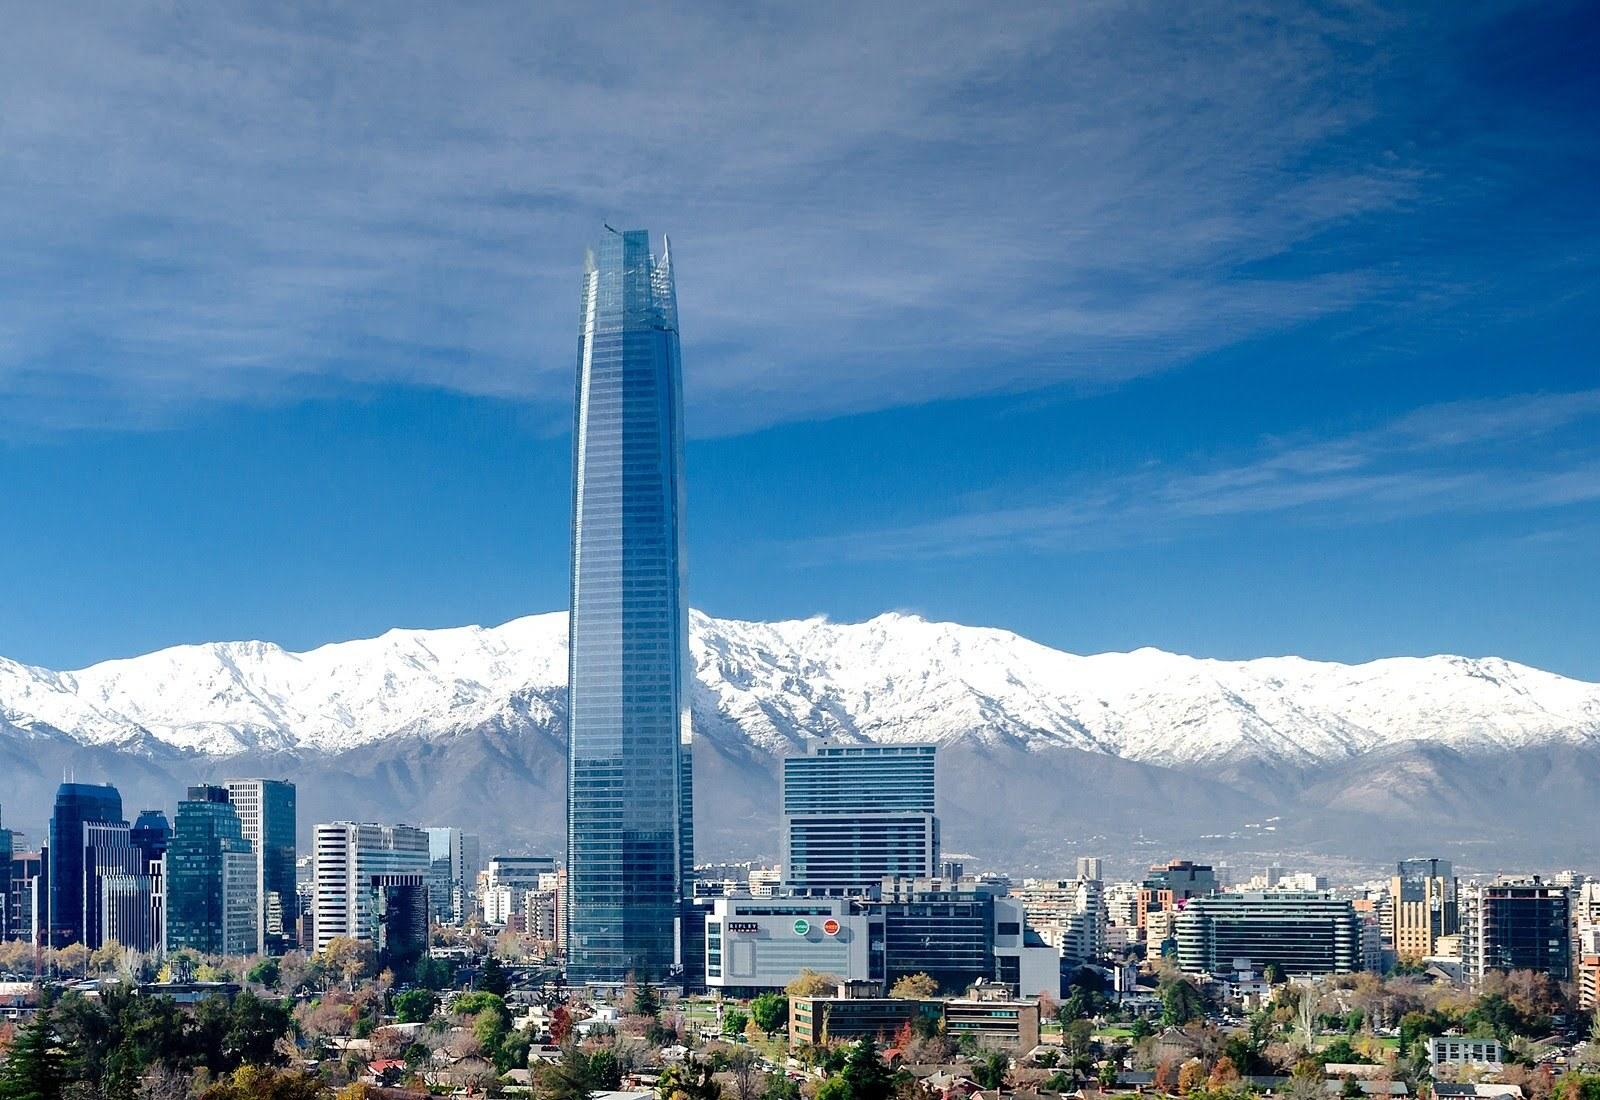 Vista do Sky Costanera, o prédio mais alto da América Latina